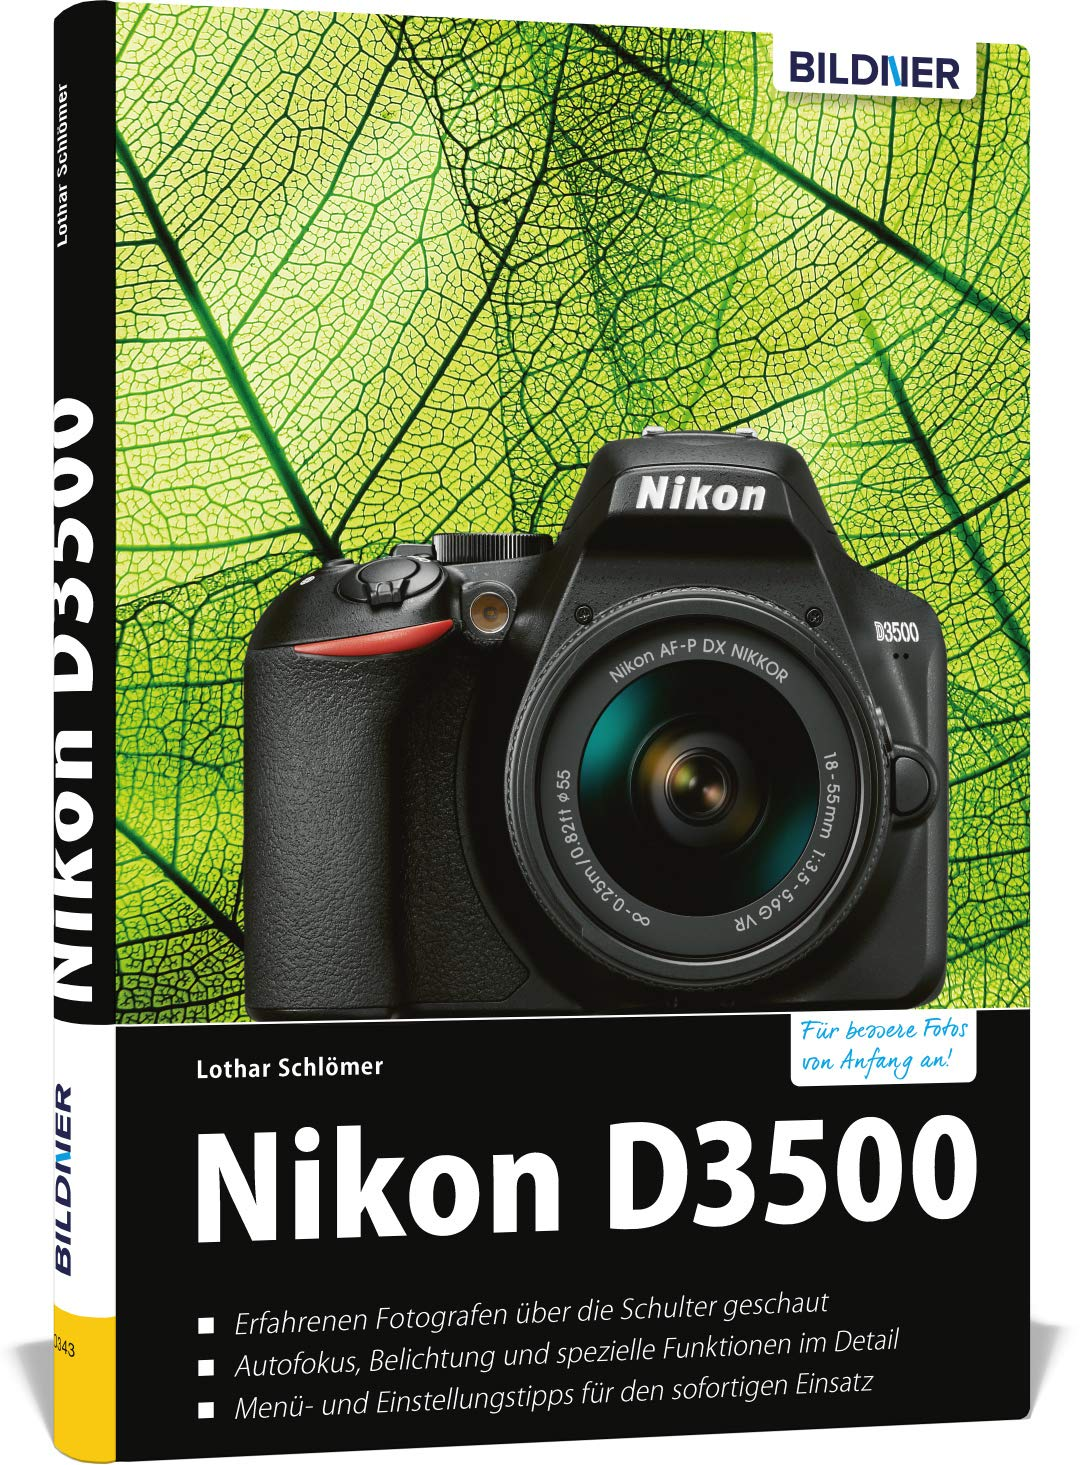 Nikon D3500 - Für bessere Fotos von Anfang an!: Das umfangreiche ...